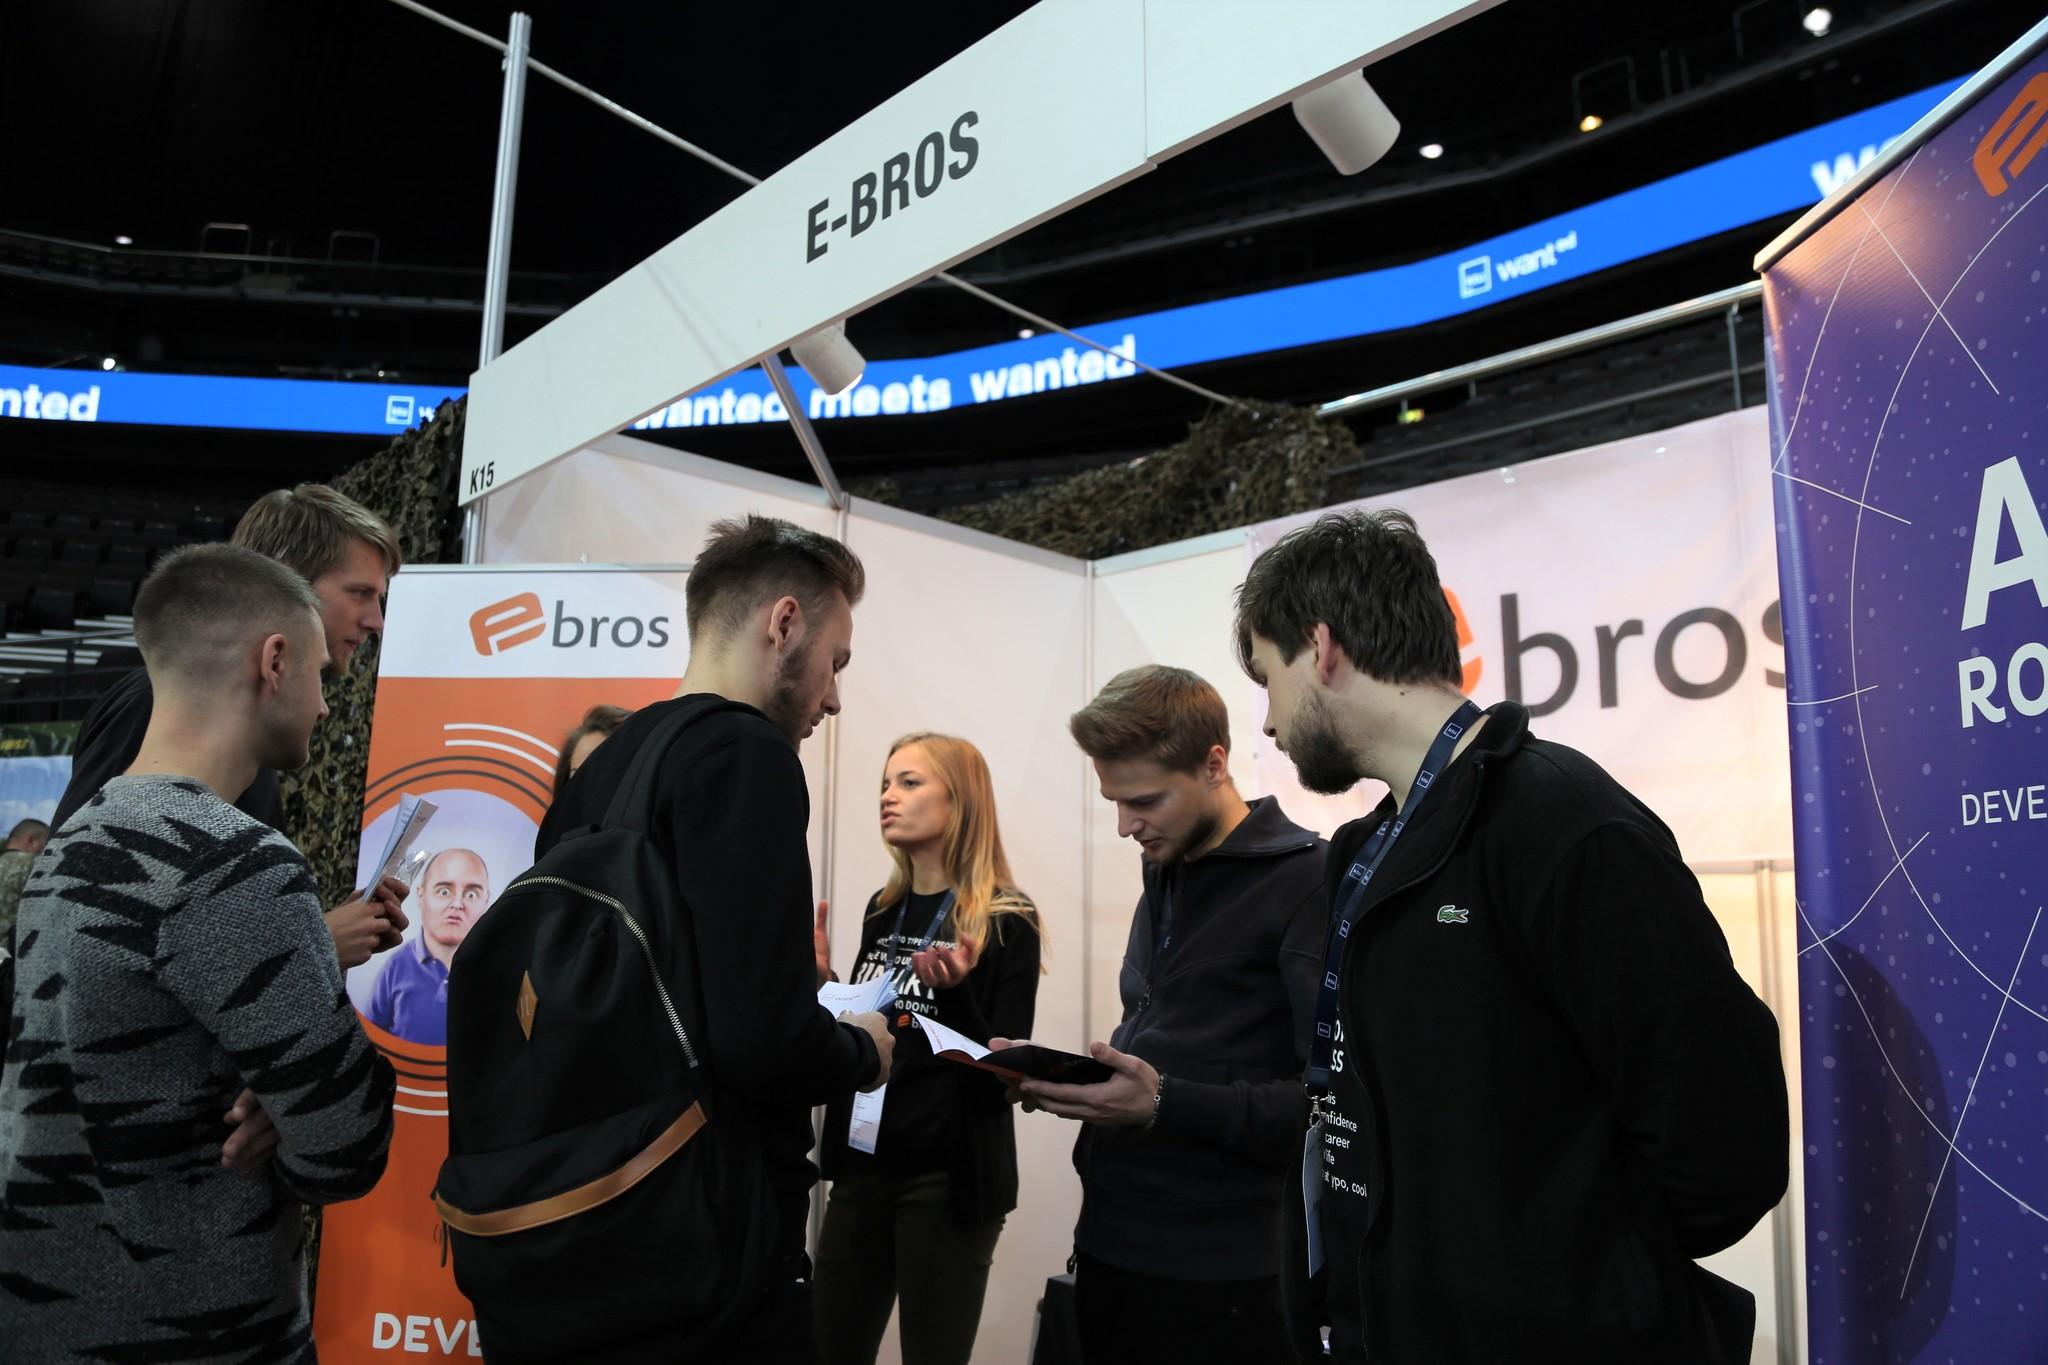 E-Bros team at KTU Career Event